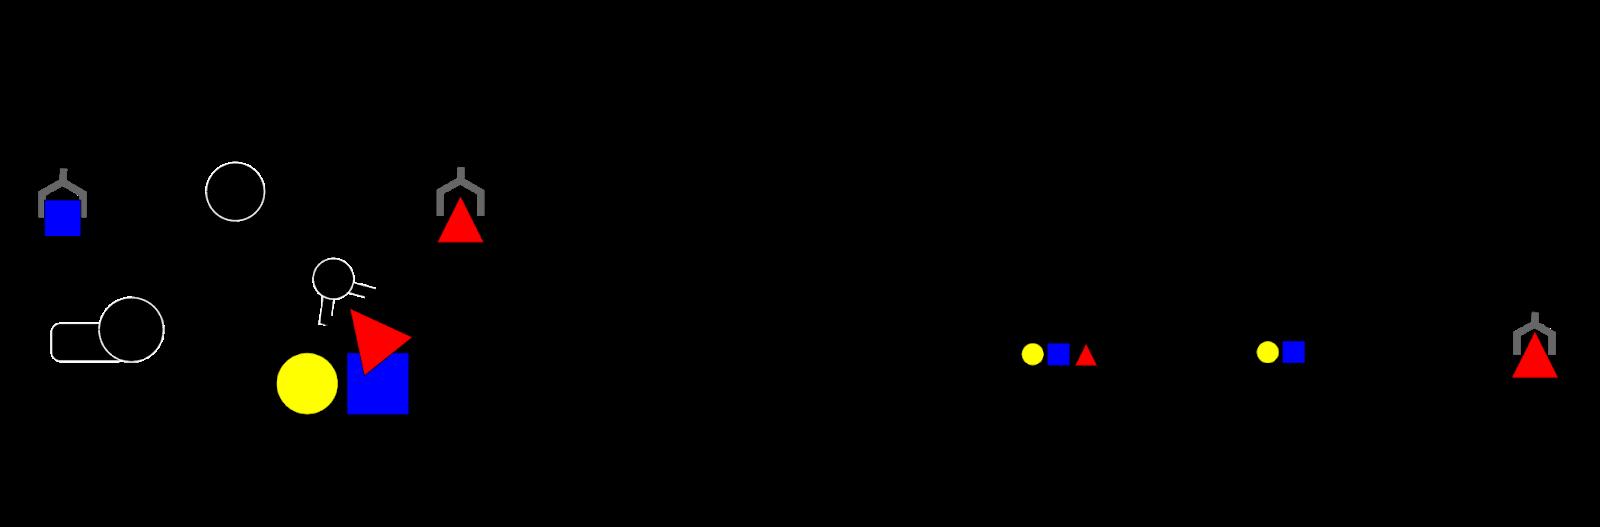 Grasp2Vec: обучение представлению объектов через захват с самостоятельным обучением